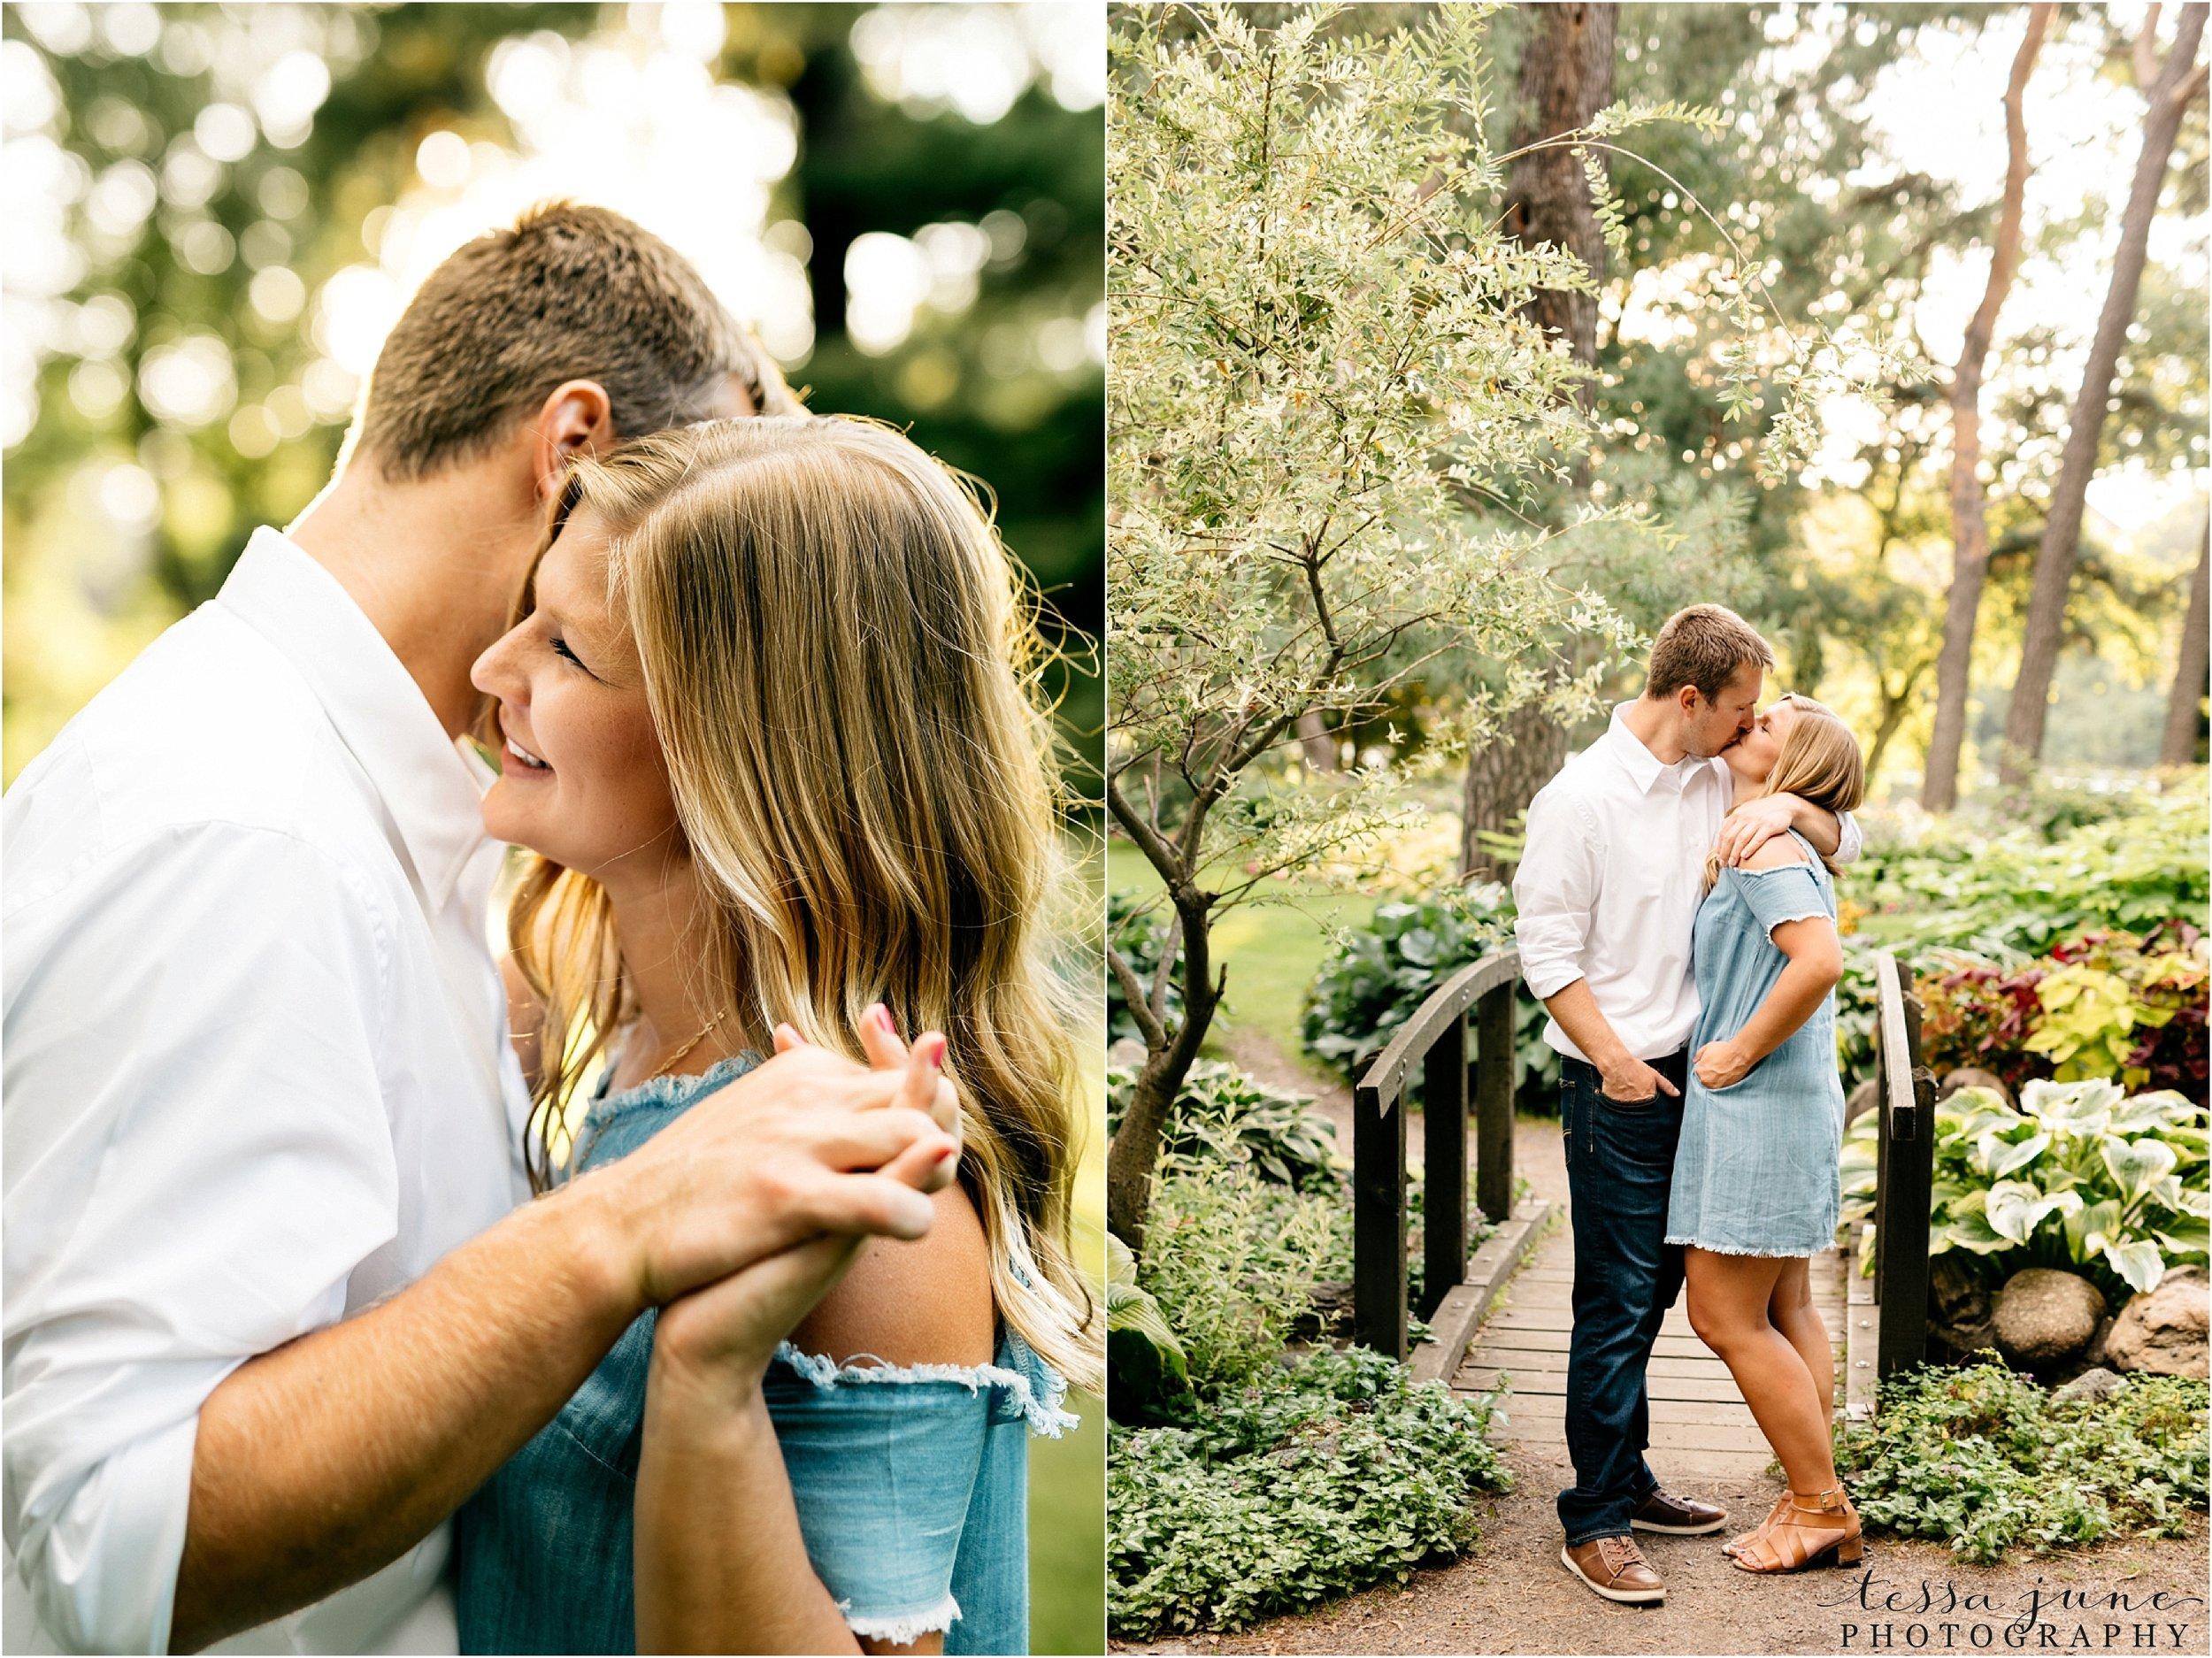 st-cloud-wedding-photographer-tessa-june-photography-munsinger-garden-engagement-27.jpg